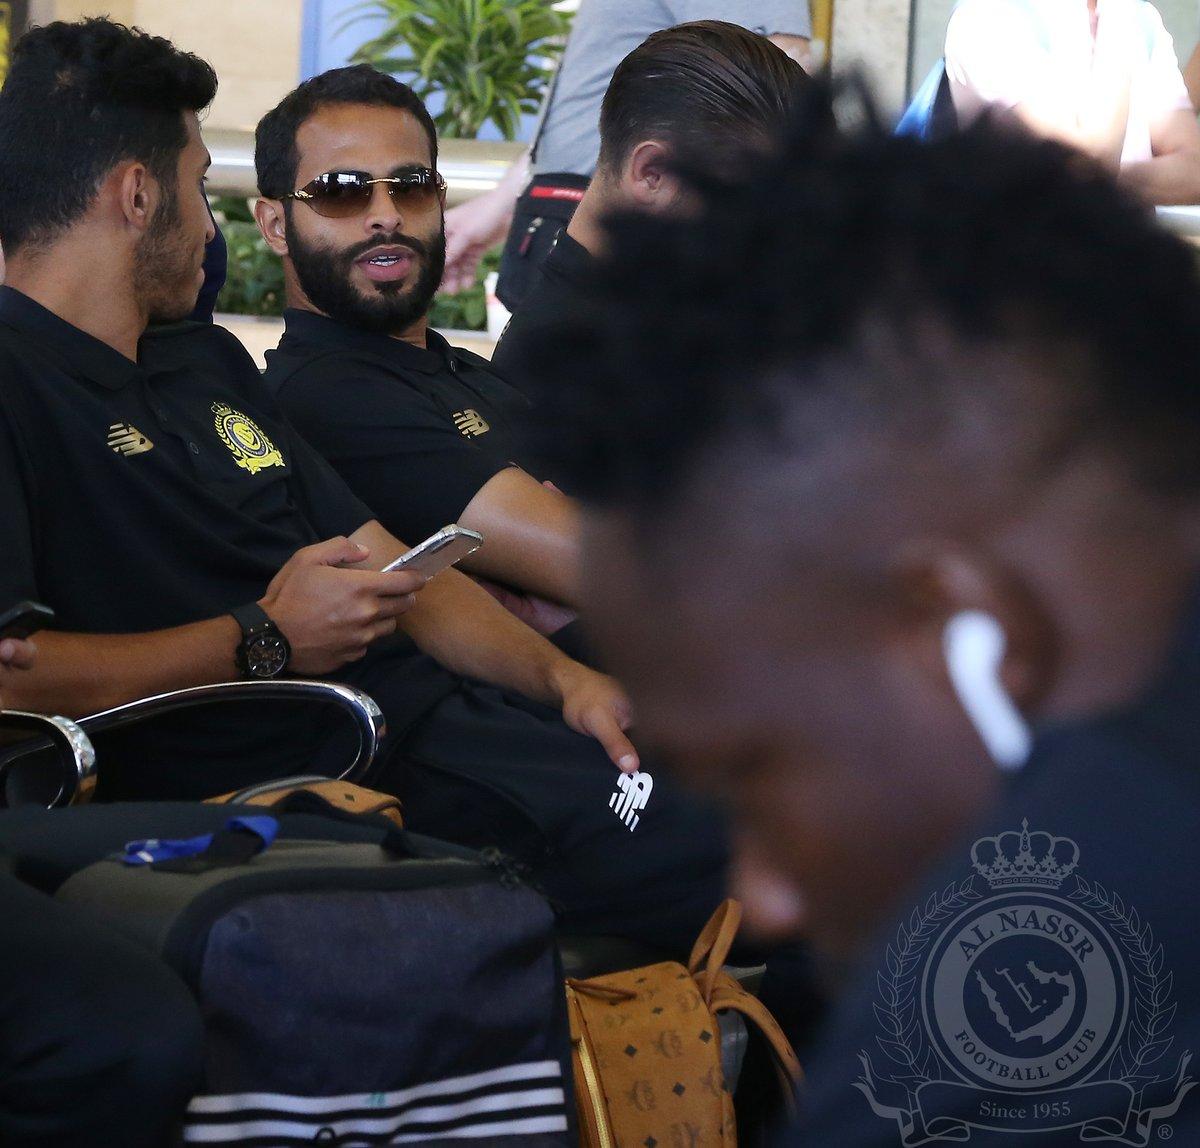 بالصور.. النصر يطير إلى أبوظبي استعدادًا لمباراة الجزيرة